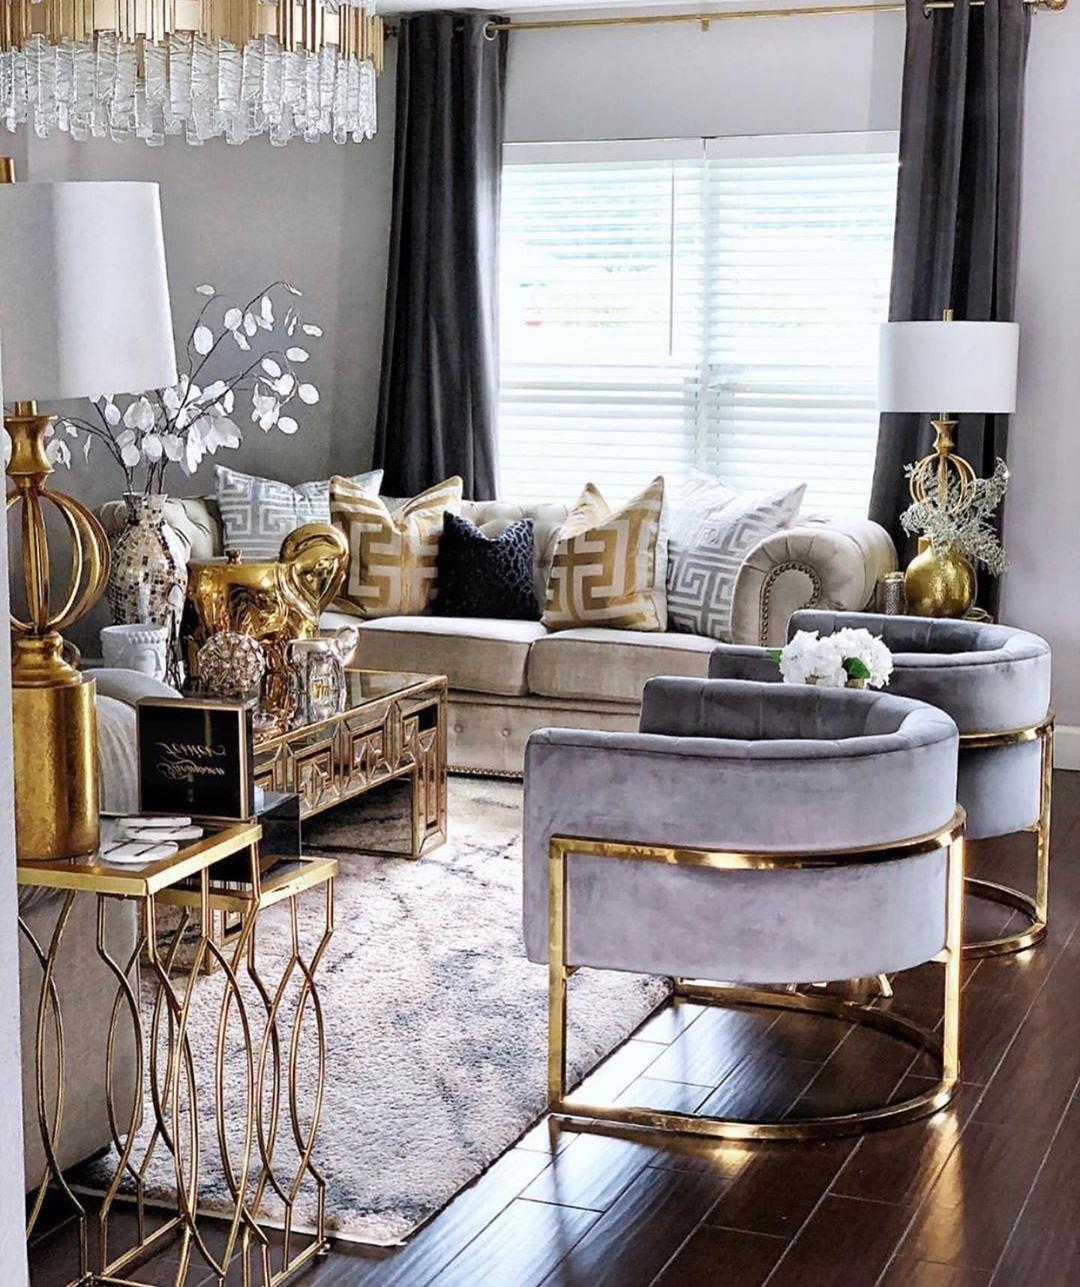 Un exemple de salle de séjour luxueuse mais toujours confortable.